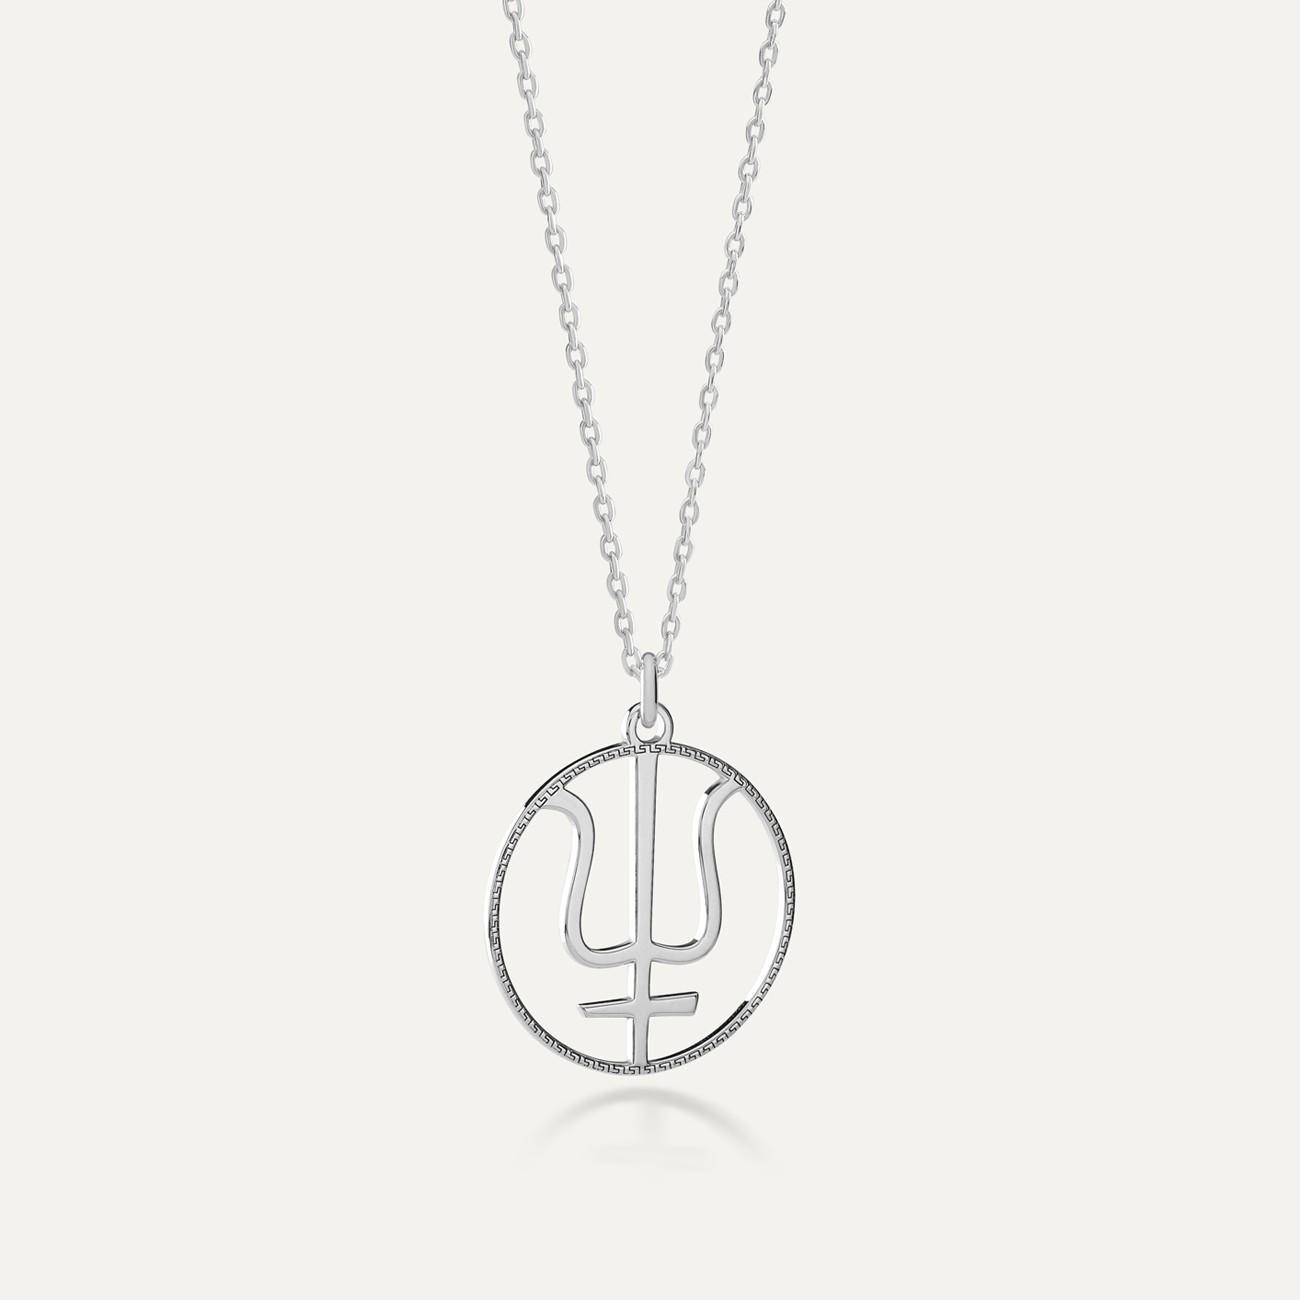 Necklace - Poseidon, Silver 925 MON DÉFI